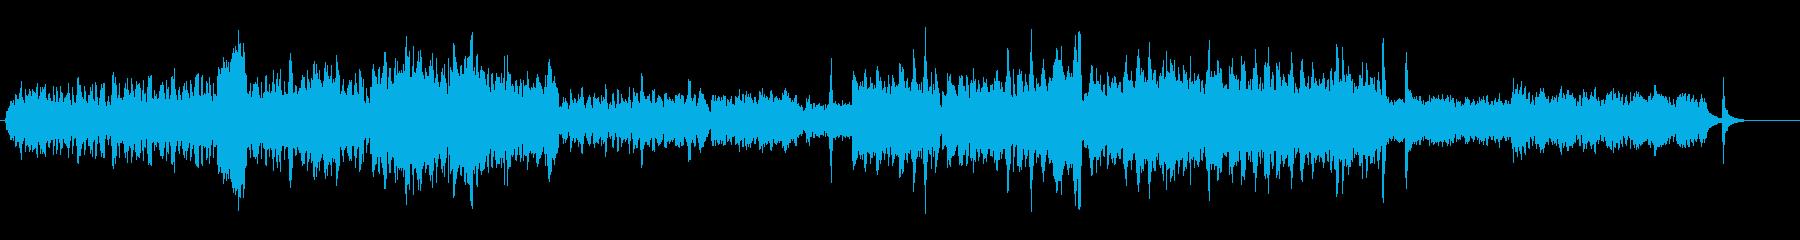 ワルツに、レースがクルクル回るイメージの再生済みの波形